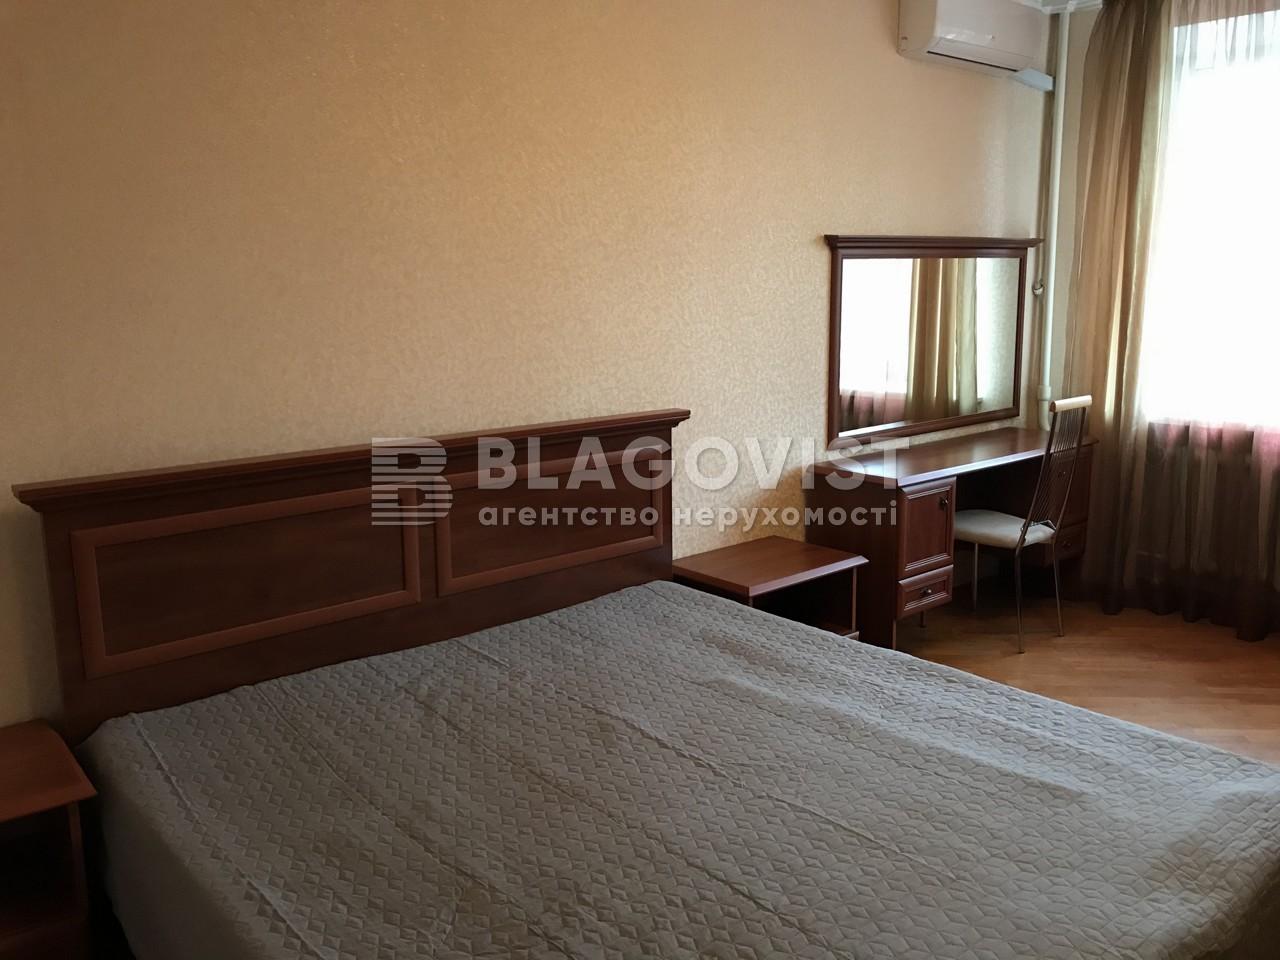 Квартира E-40654, Ереванская, 30, Киев - Фото 10